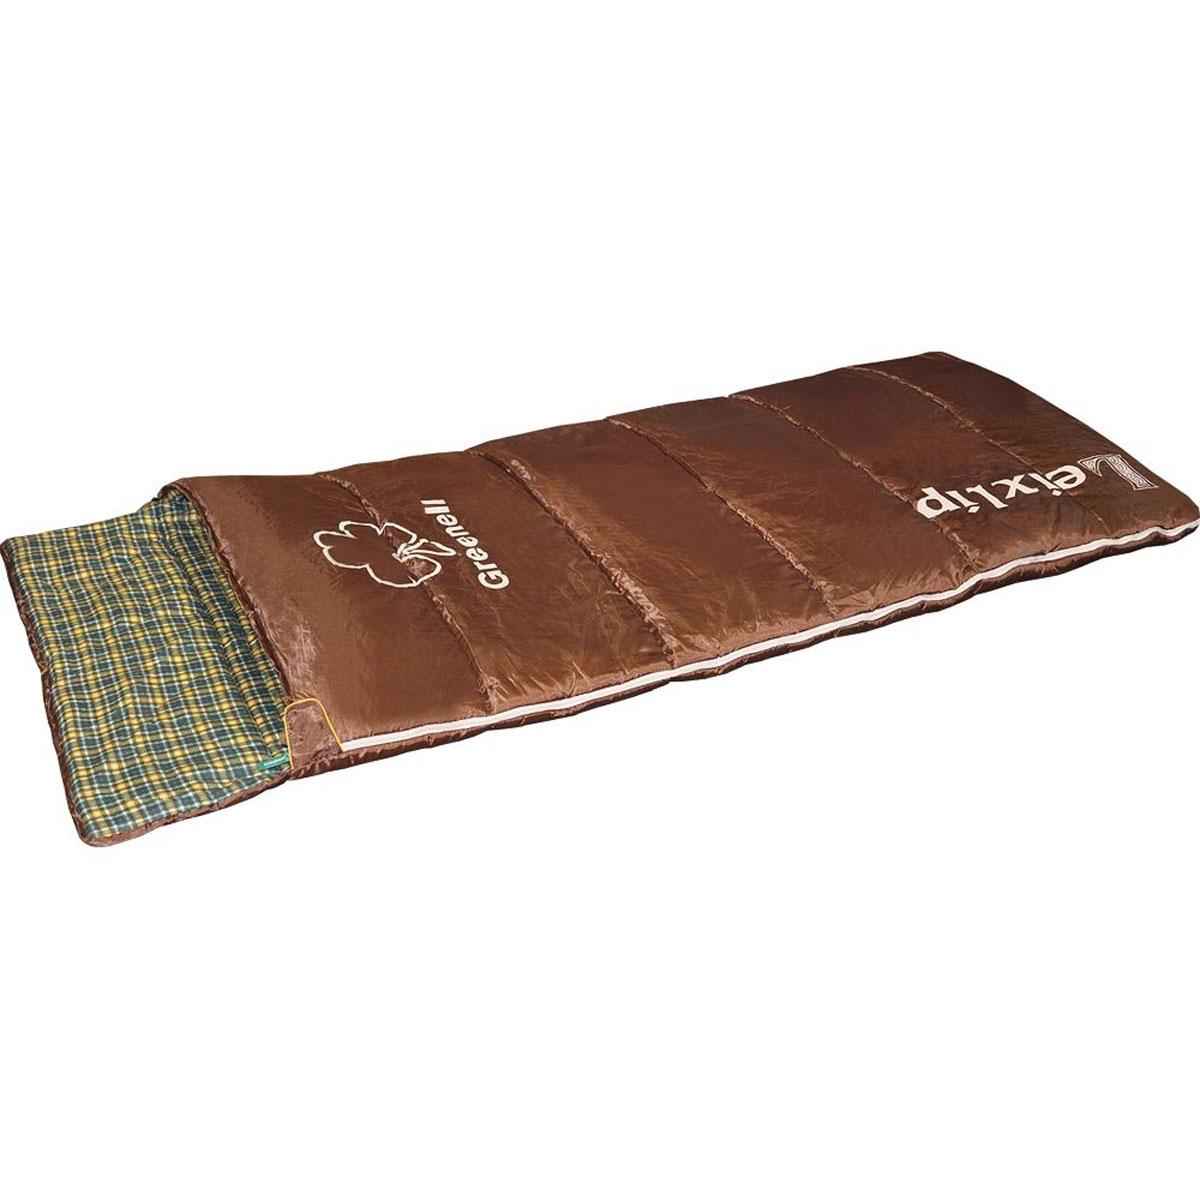 Спальный мешок Greenell Лейкслип, левосторонняя молния, цвет: коричневый34023-224-00Спальный мешок Greenell Лейкслип - комфорт домашнего пледа. Выспаться уютно по-домашнему в комфортном одеяле с фланелевой хлопковой подкладкой. Разъемная застежка-молния, левый и правый вариант делают эту модель универсальной в применении и позволяют состегнуть вместе два спальника. А отправляясь в путь, не забудьте вынуть документы из внутреннего кармана спальника. Увеличенный внутренний объем кемпингового спальника позволяет комфортно отдохнуть даже человеку крупной комплекции! Используемый утеплитель холлофайбер безопасен для людей с гиперчувствительной кожей и аллергиков. Холлофайбер быстро сохнет, не скомкивается и отлично удерживает тепло При необходимости кемпинговый спальный мешок можно использовать в качестве дополнительного утепляющего слоя и в домашних условиях в холодную зиму. Компрессионный мешок в комплекте. Материал верха: 210T Polyester Honey Ripstop Cire W/R. Материал подкладки: Flannel cotton.